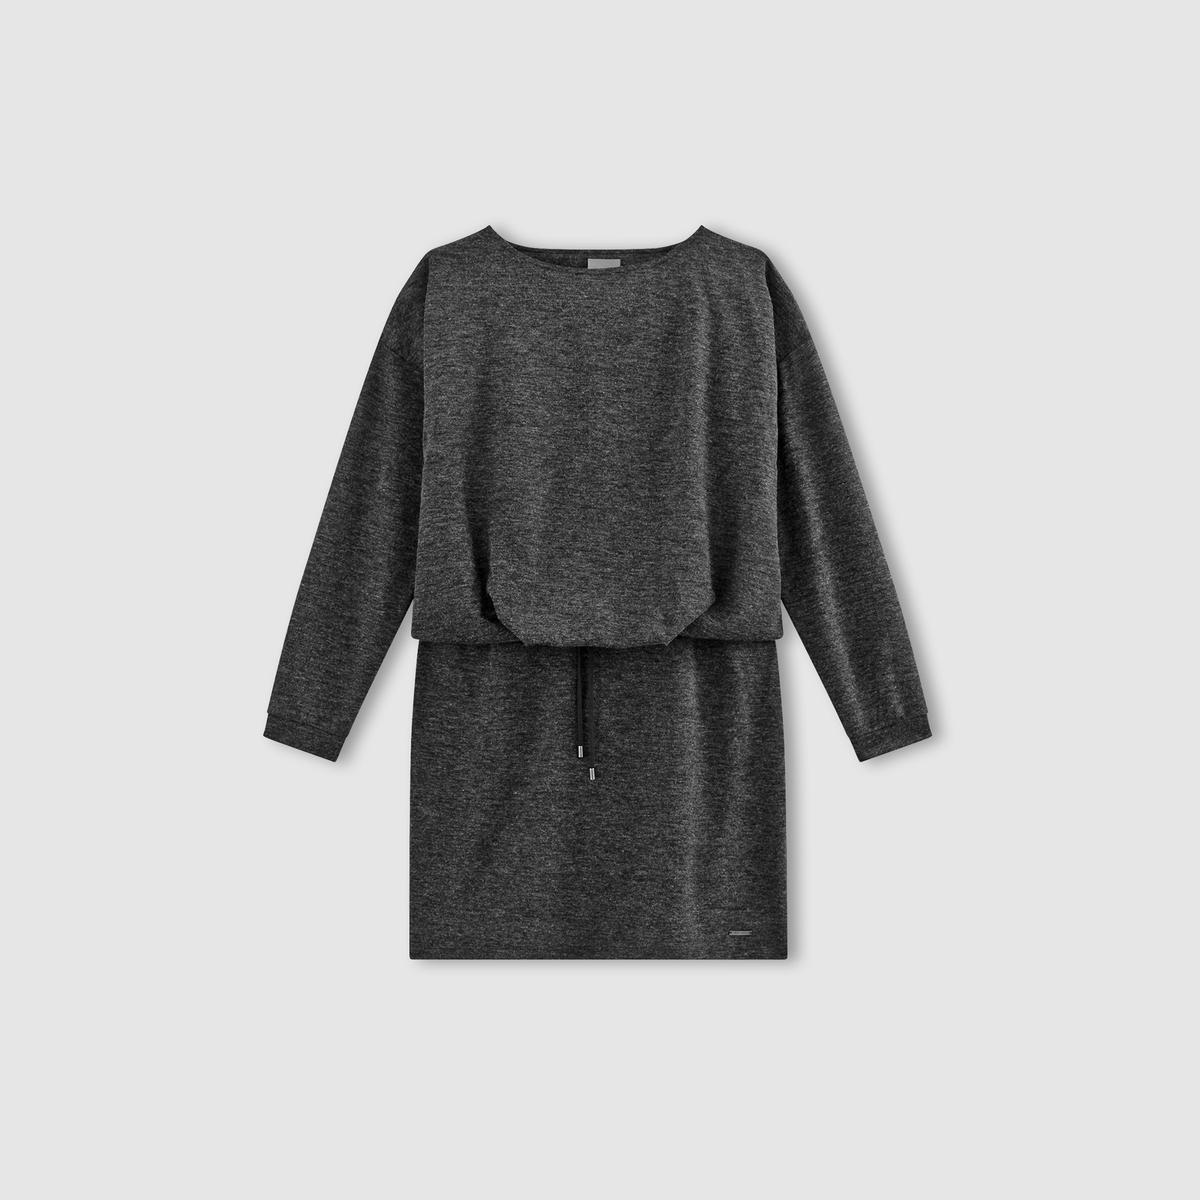 Платье меланж с длинными рукавами, VMNORAПлатье с длинными рукавами VMNORA от VERO MODA. Платье из ткани меланж и с отделкой манжет в рубчик. Свободный круглый вырез. Шнурок с завязками и напускной эффект на поясе. Состав и описаниеМарка : VERO MODA.Модель : VMNORA Материал : 80% полиэстера, 15% вискозы, 5% эластана.<br><br>Цвет: темно-серый<br>Размер: M